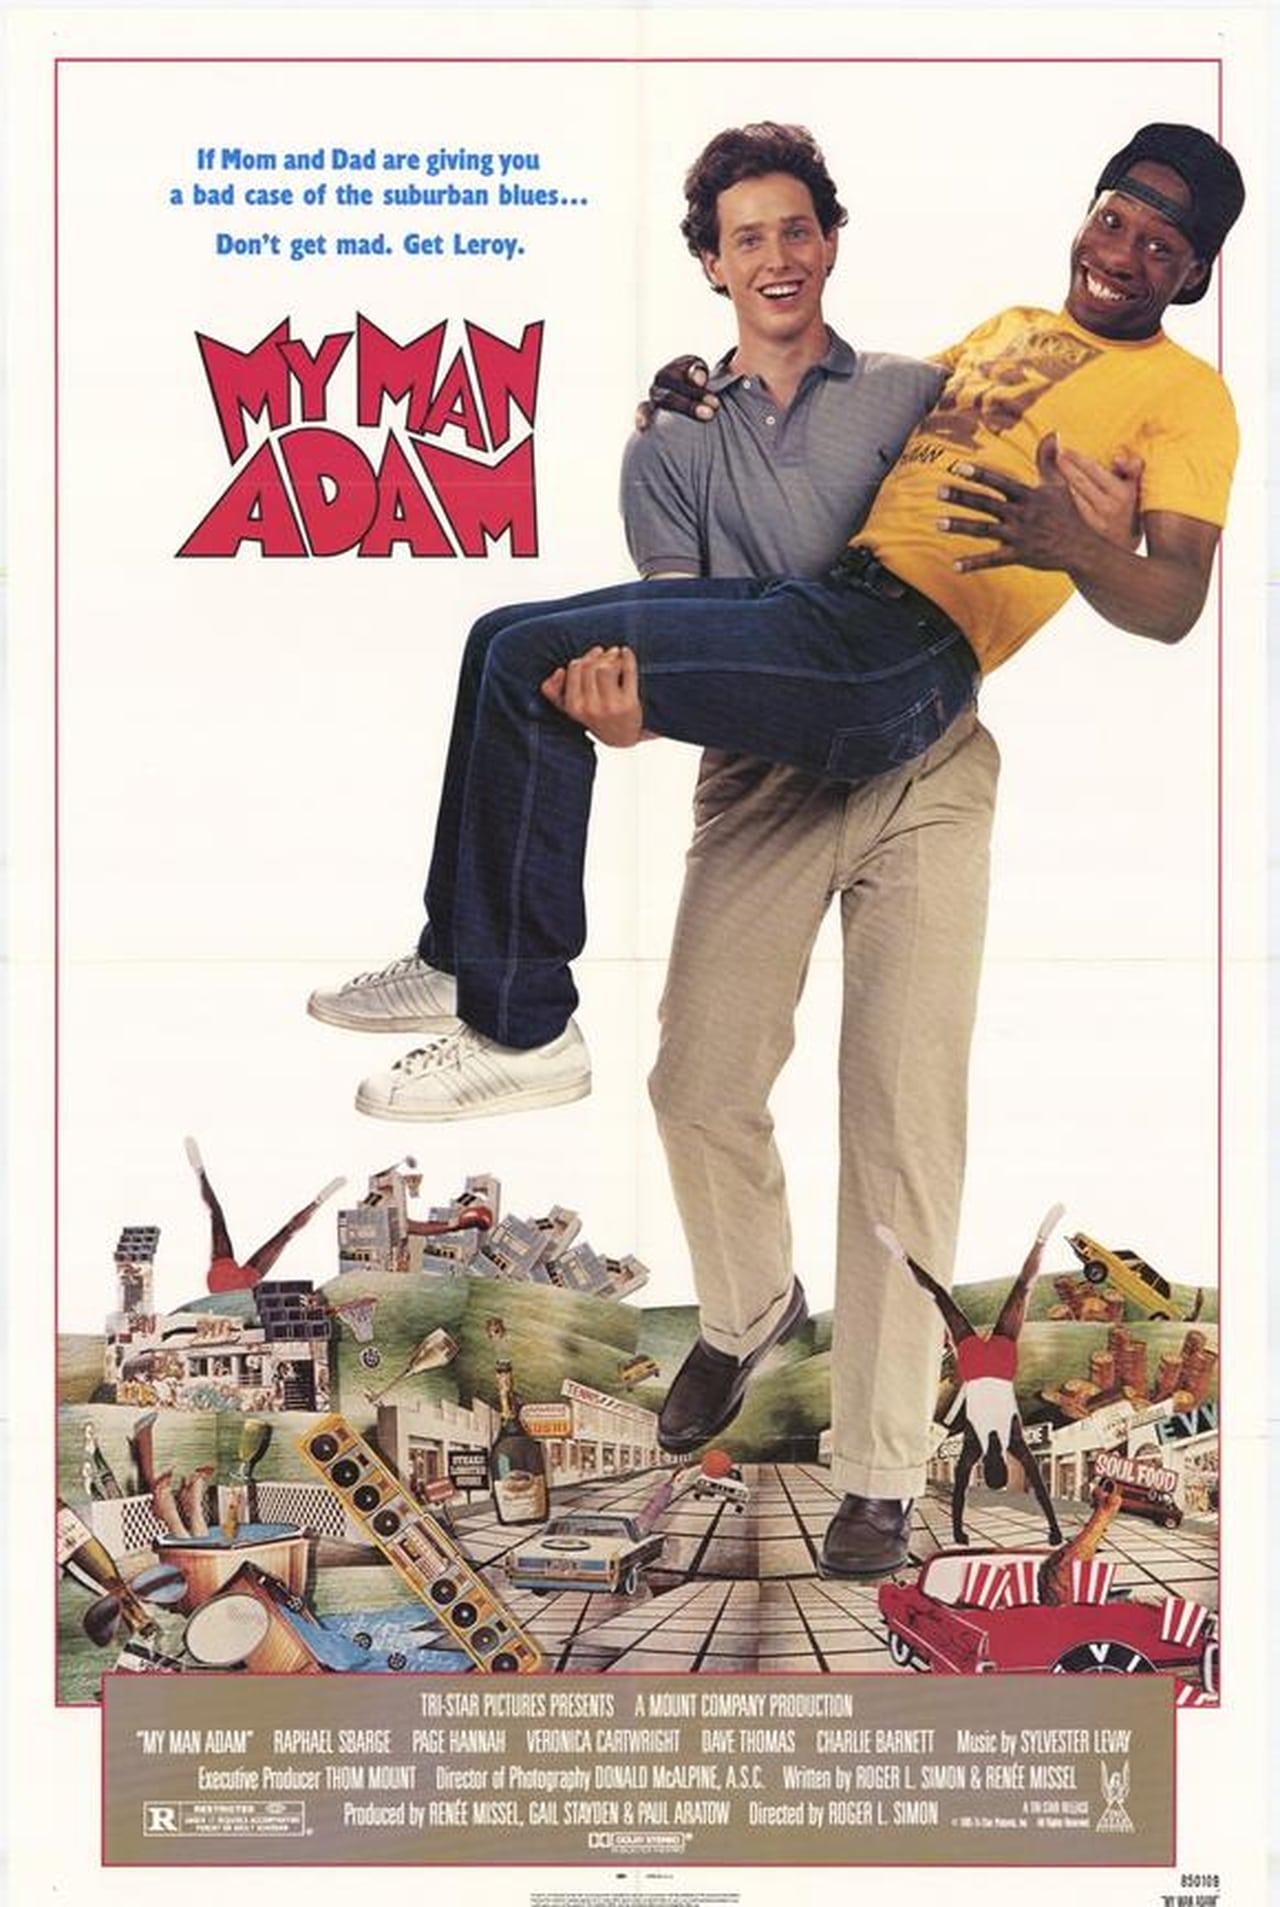 My Man Adam